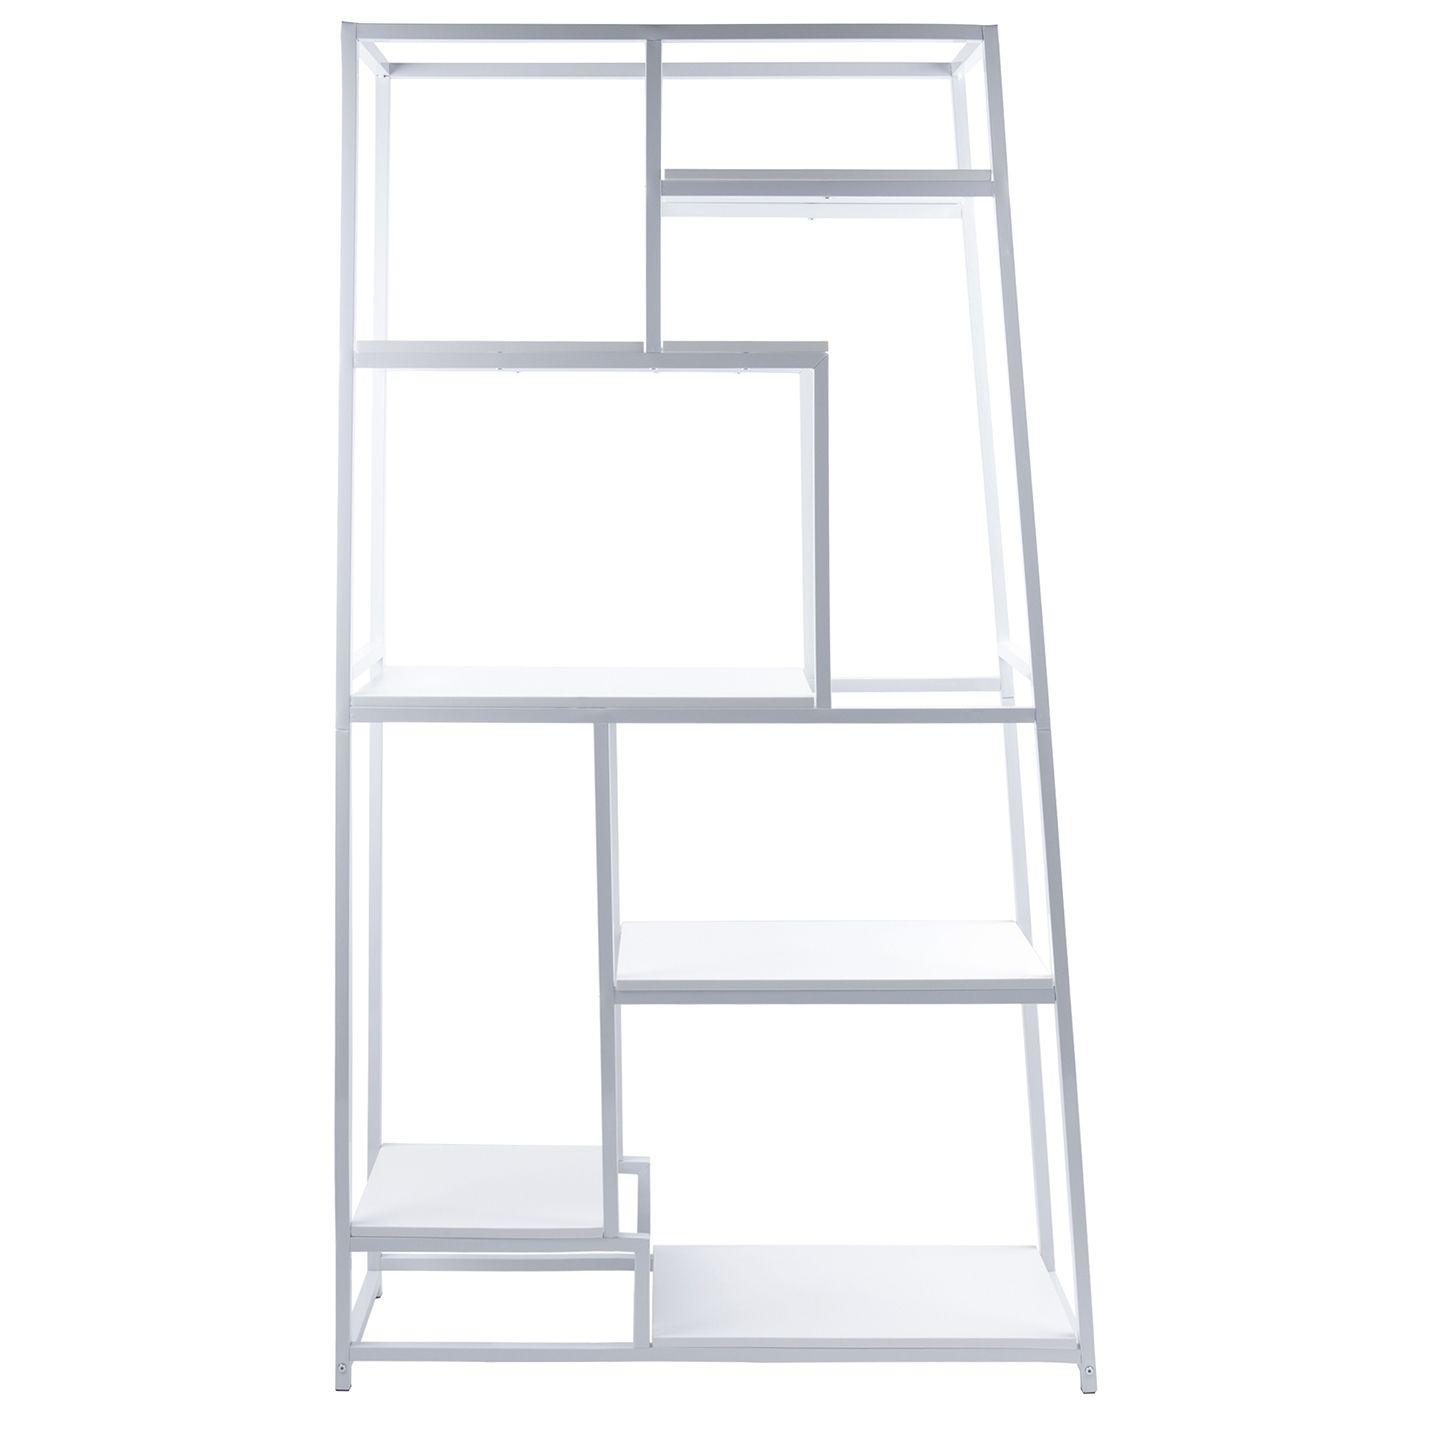 Fushion boekenkast Leitmotiv wit